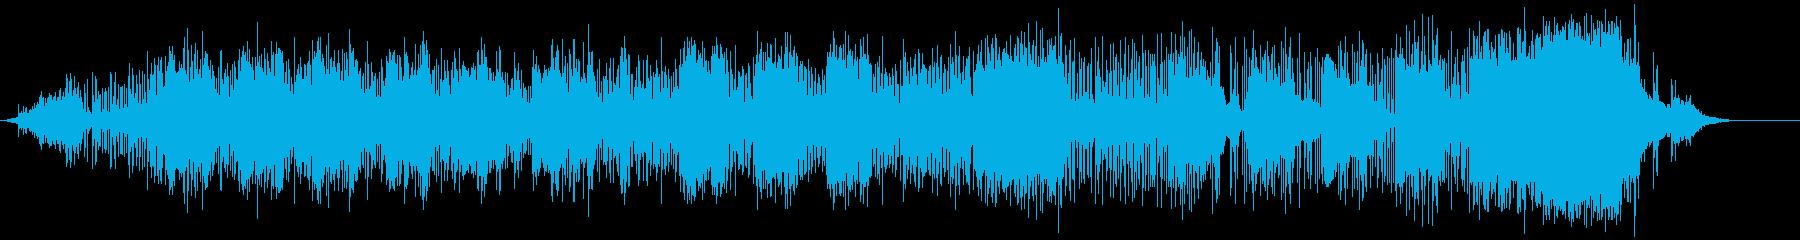 リズミカルで奇妙なニューエイジの再生済みの波形